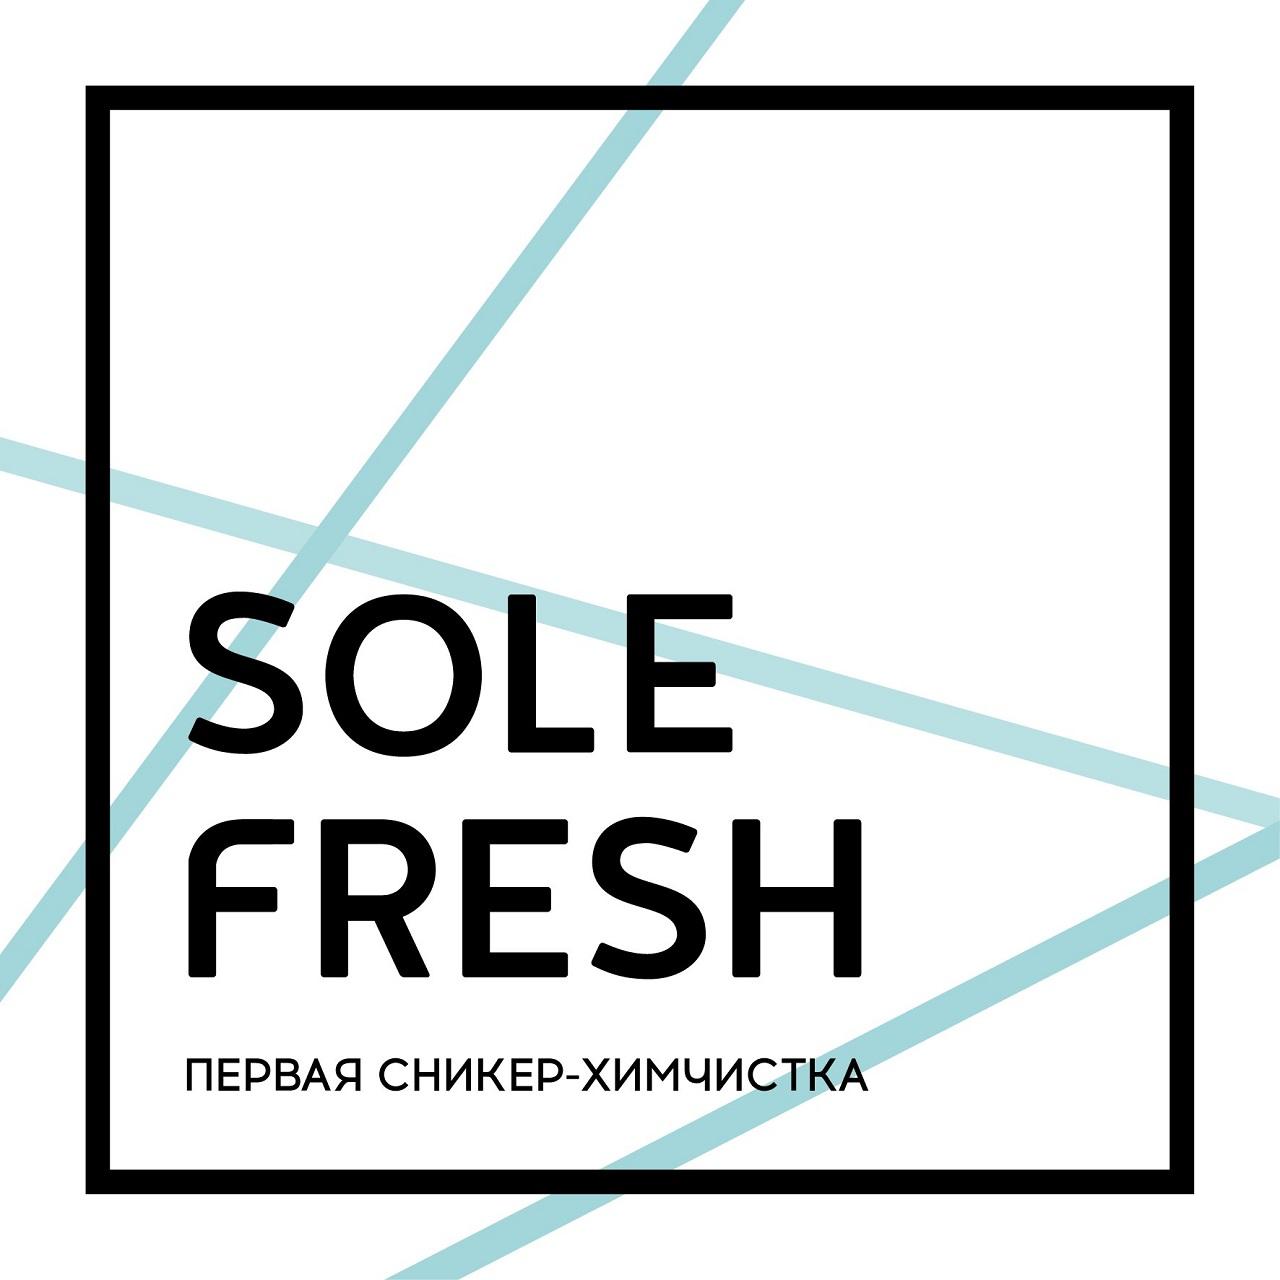 Sole Fresh